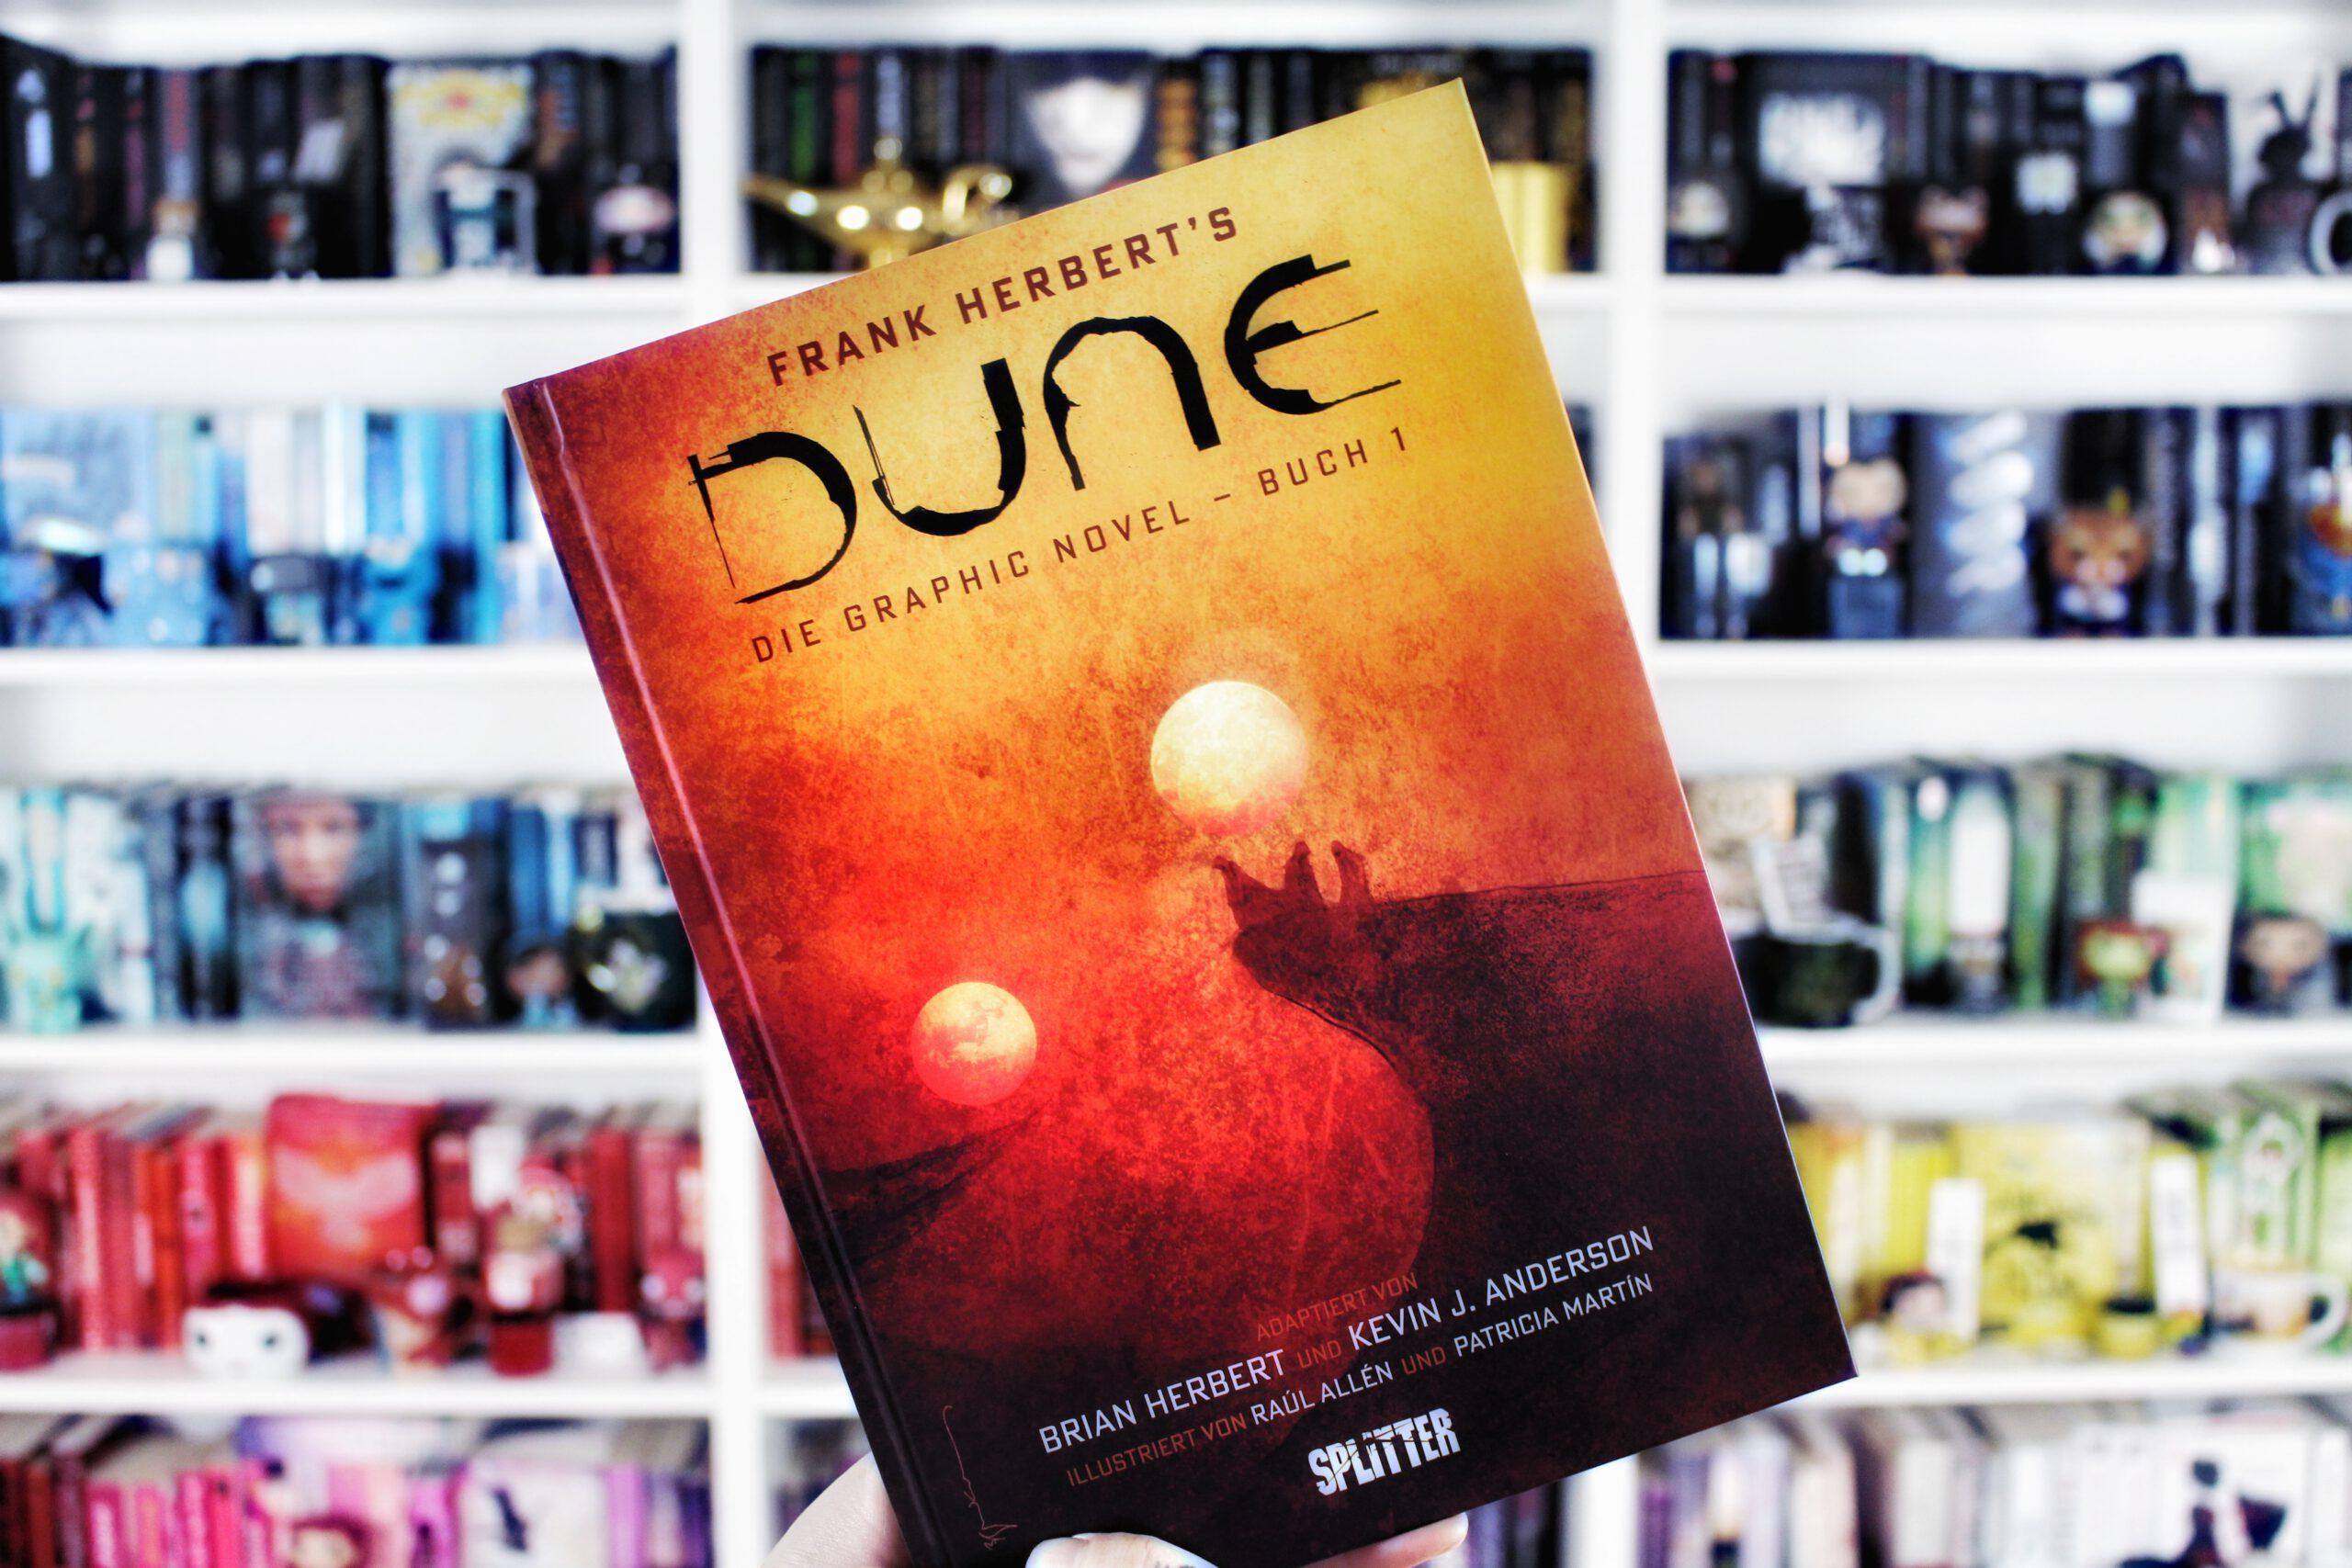 Rezension | Frank Herbert's Dune: Die Graphic Novel – Buch 1